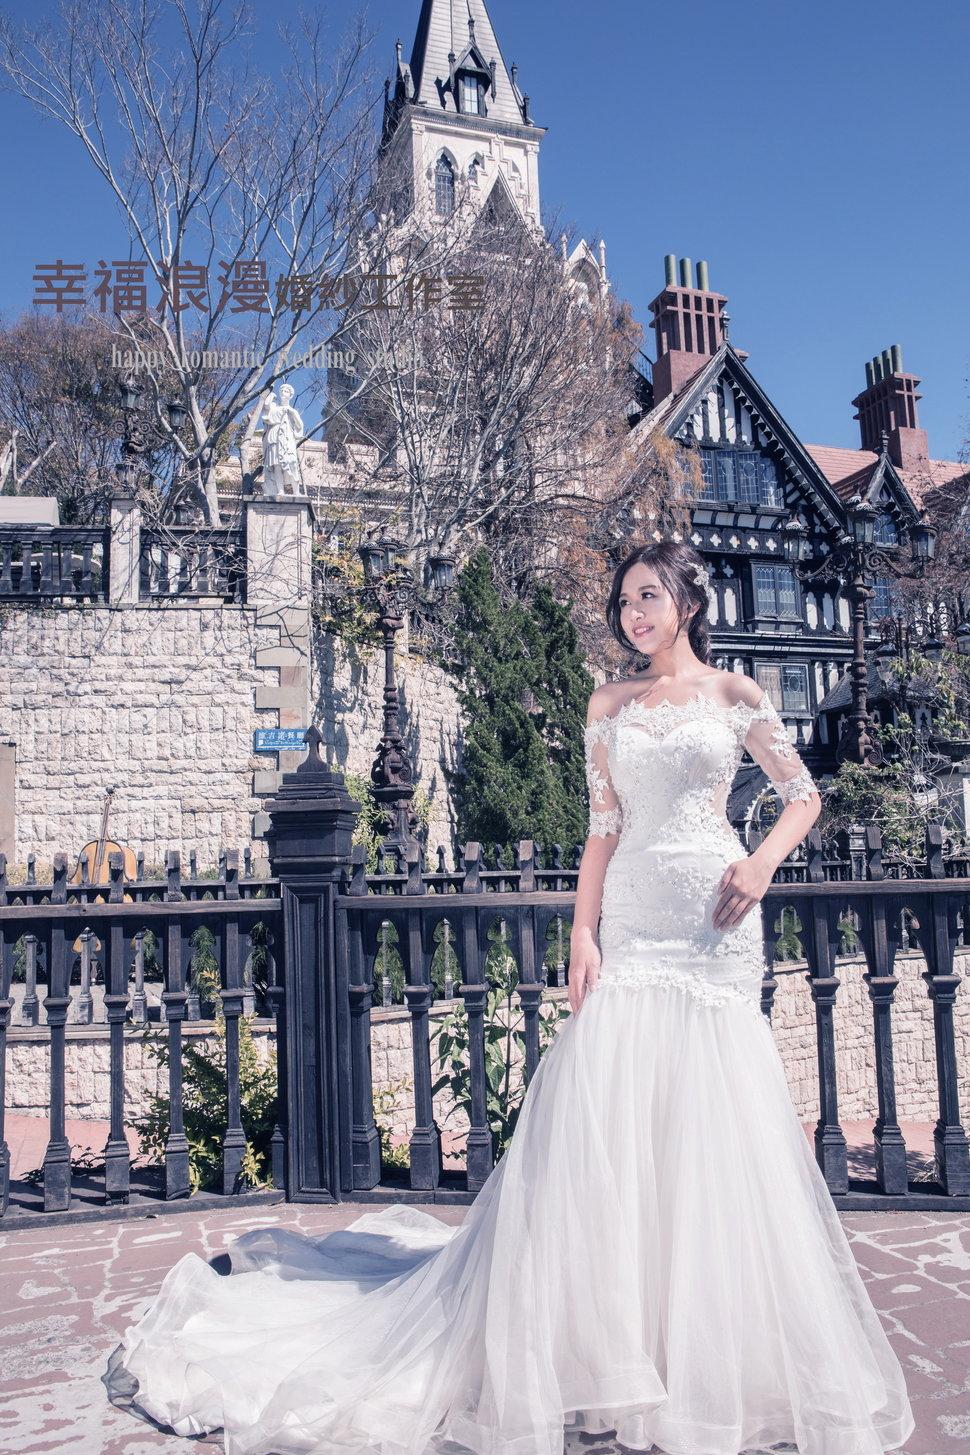 5G3A6913-1_調整大小 - 幸福浪漫婚紗工作室 韓式婚紗攝影《結婚吧》